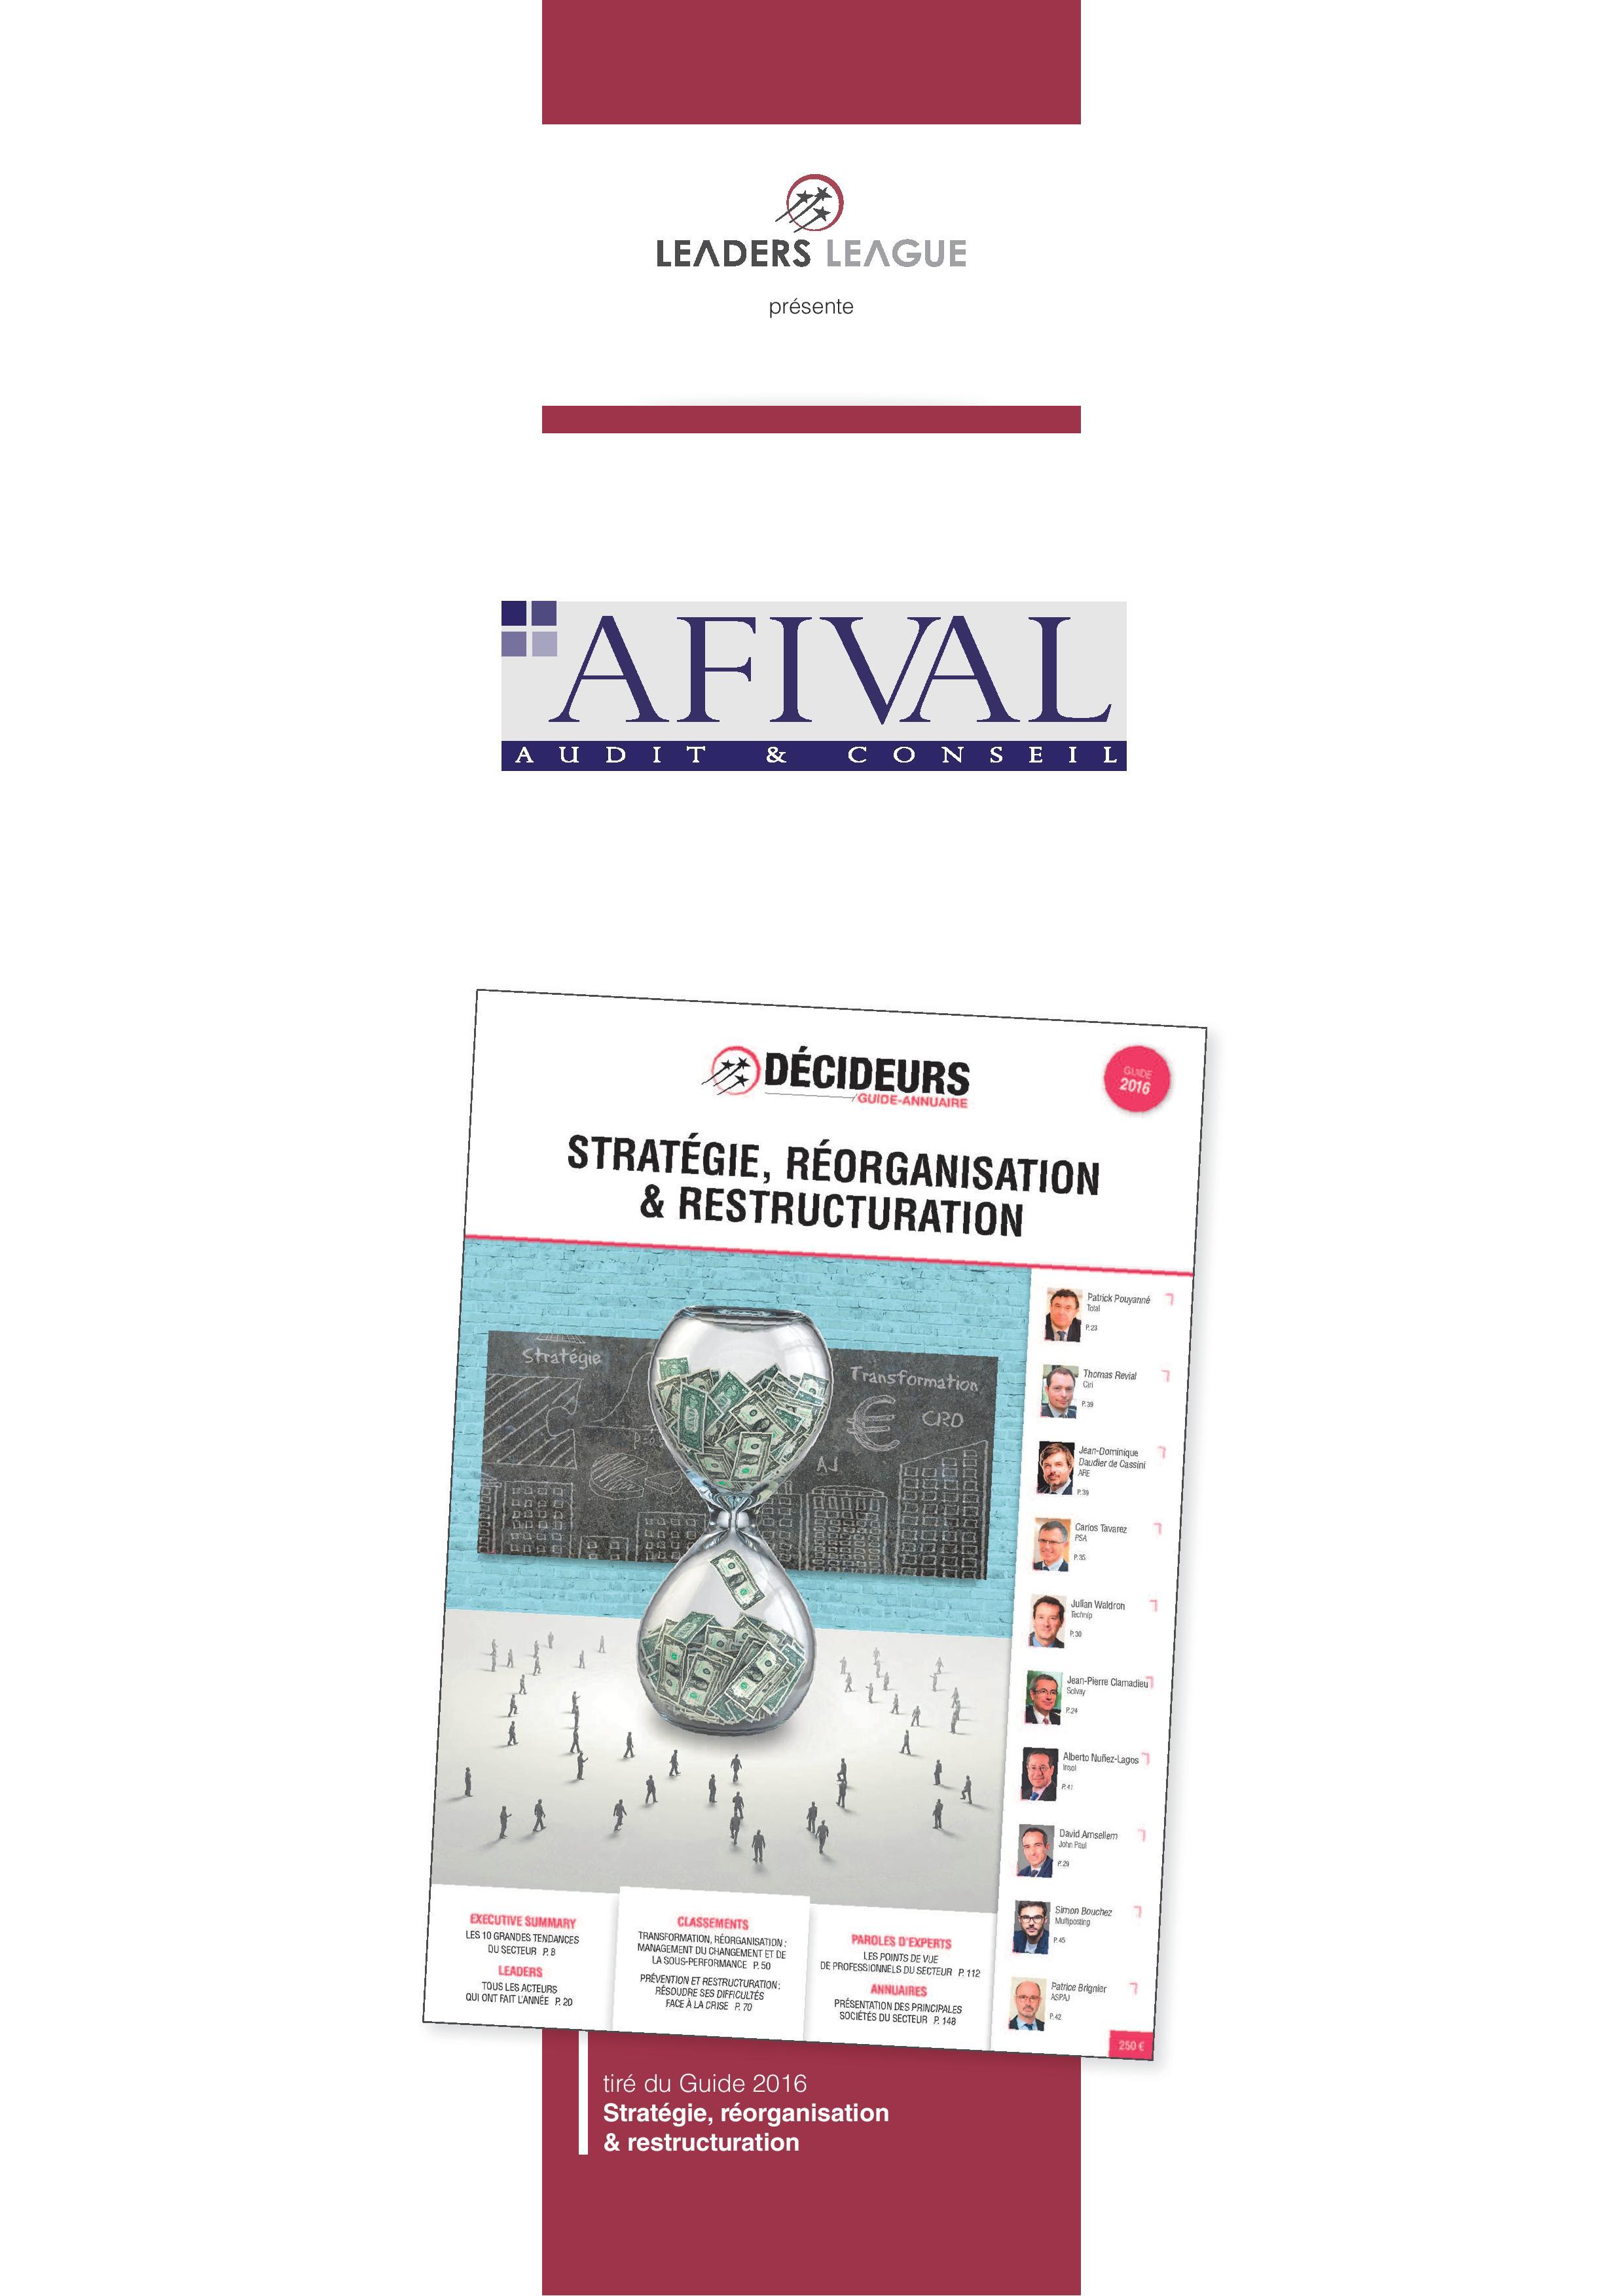 Auditeurs et conseils financiers leaders league classement 2016 afival audit conseil - Classement cabinet conseil ...